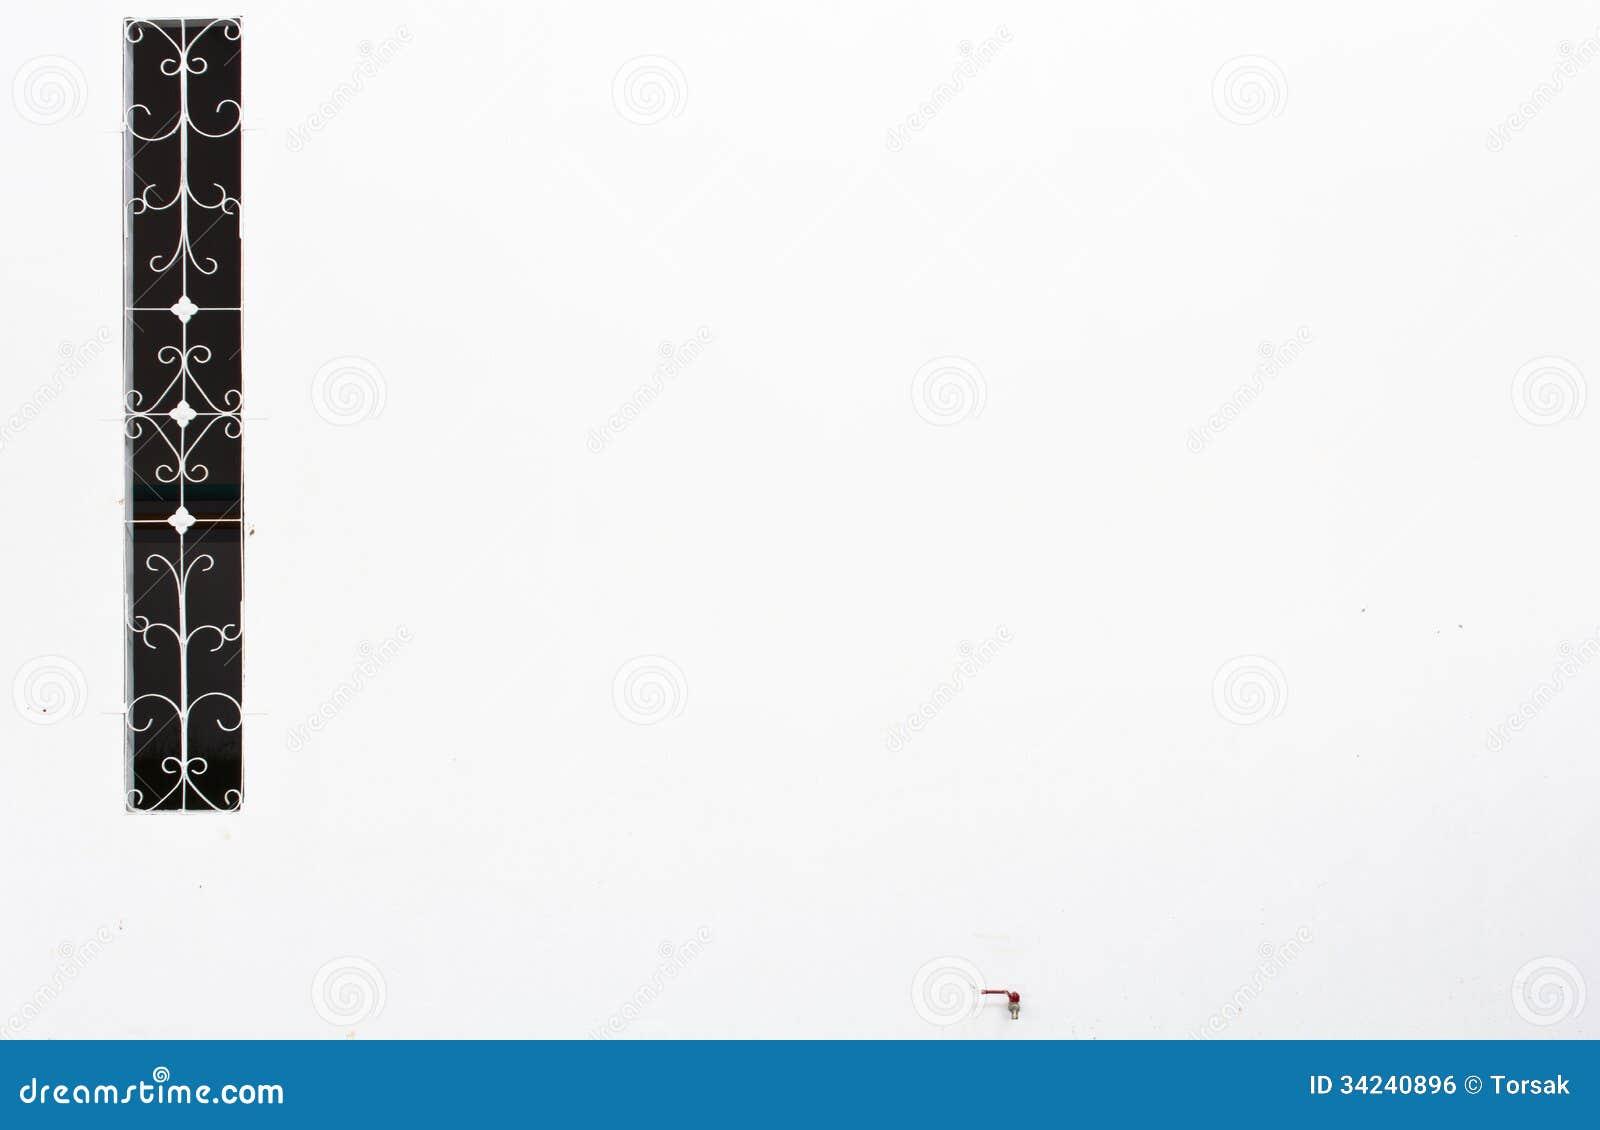 抽象建筑学背景.白色墙壁图片